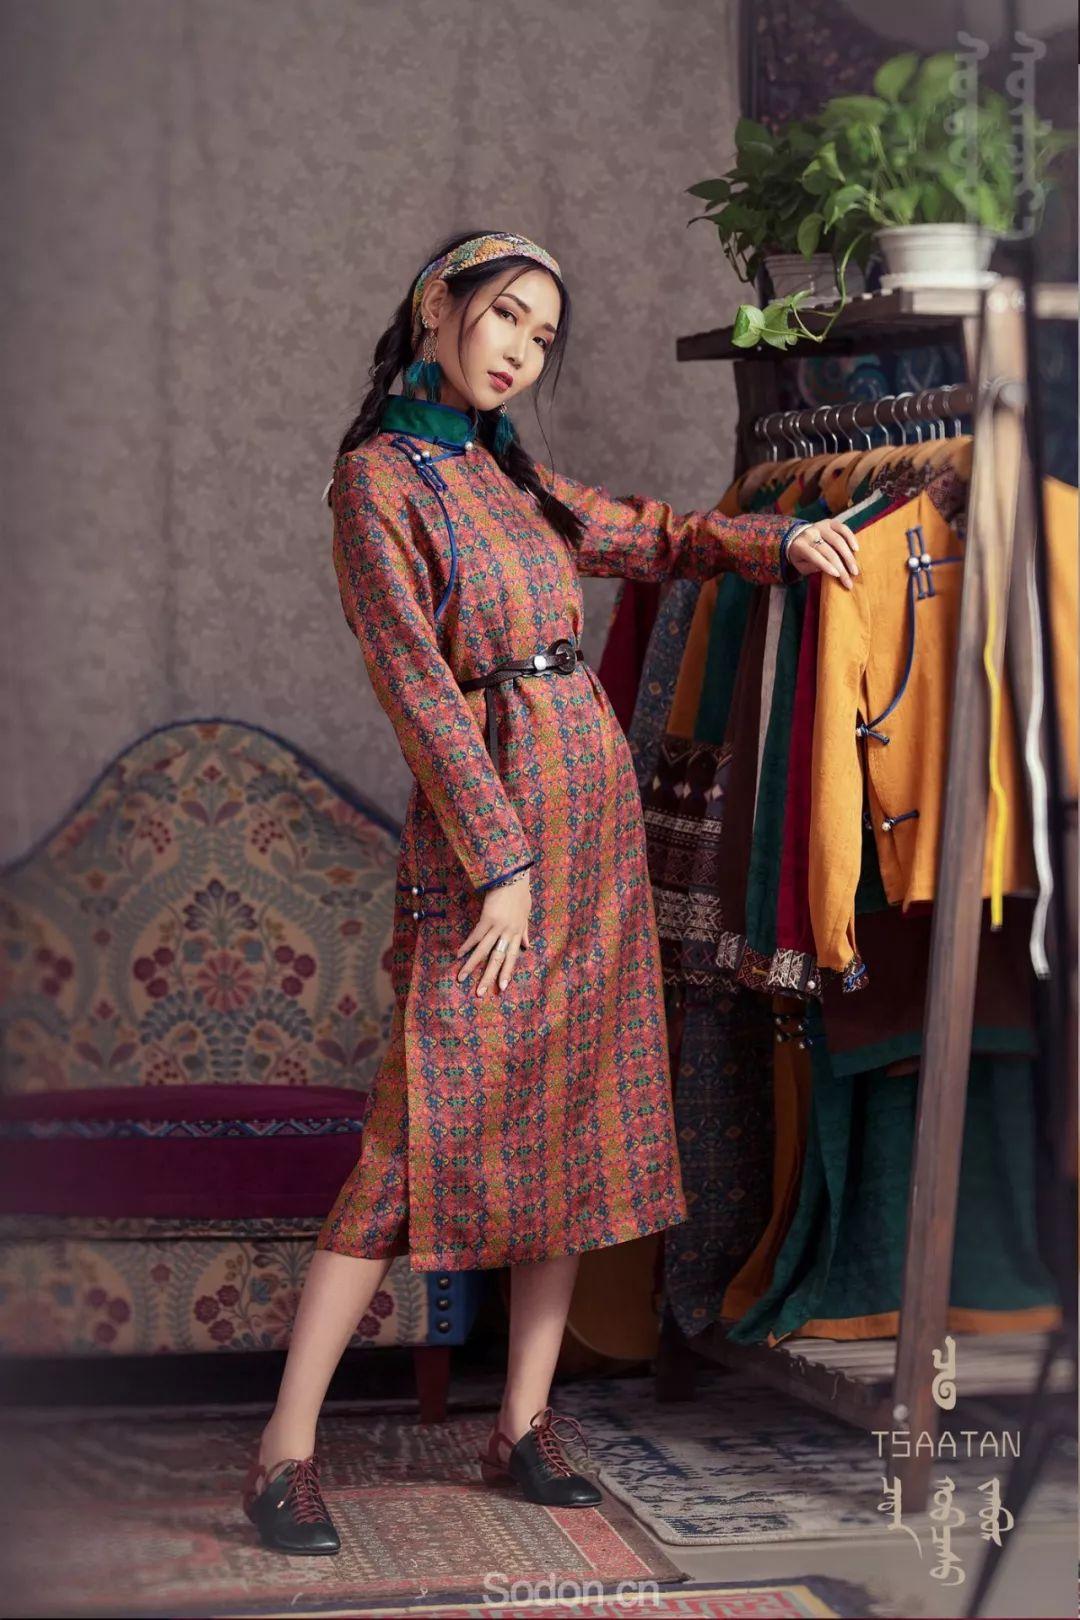 TSAATAN蒙古时装 2019新款,来自驯鹿人的独特魅力! 第29张